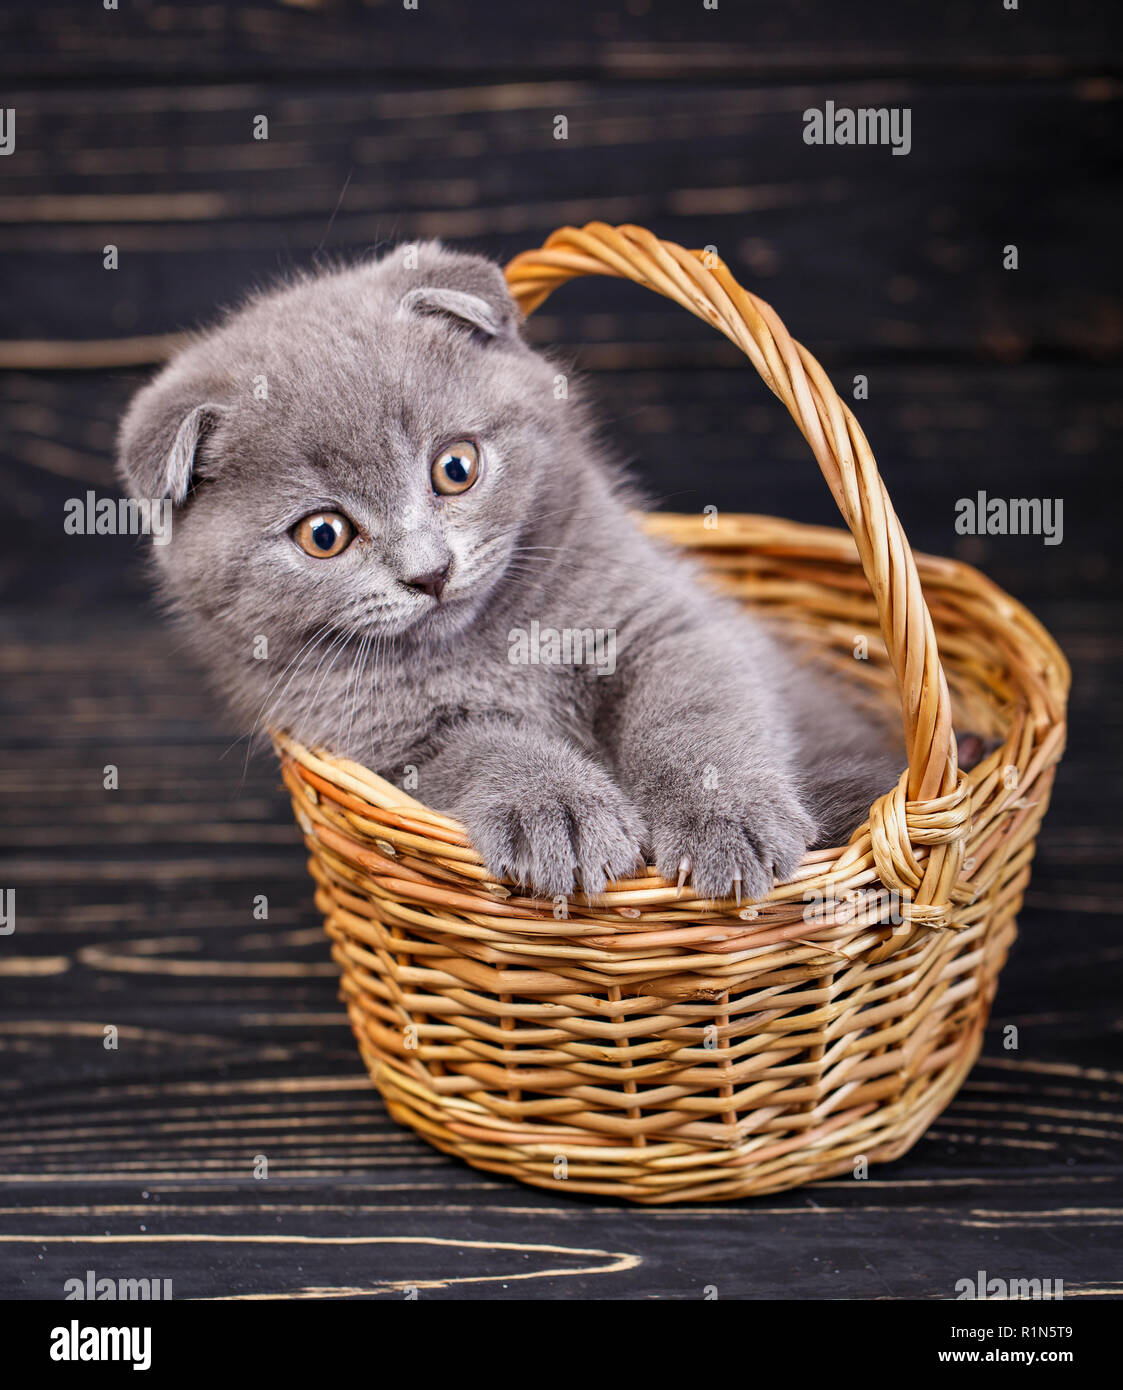 Un chaton mettre une patte sur le bord du panier Photo Stock